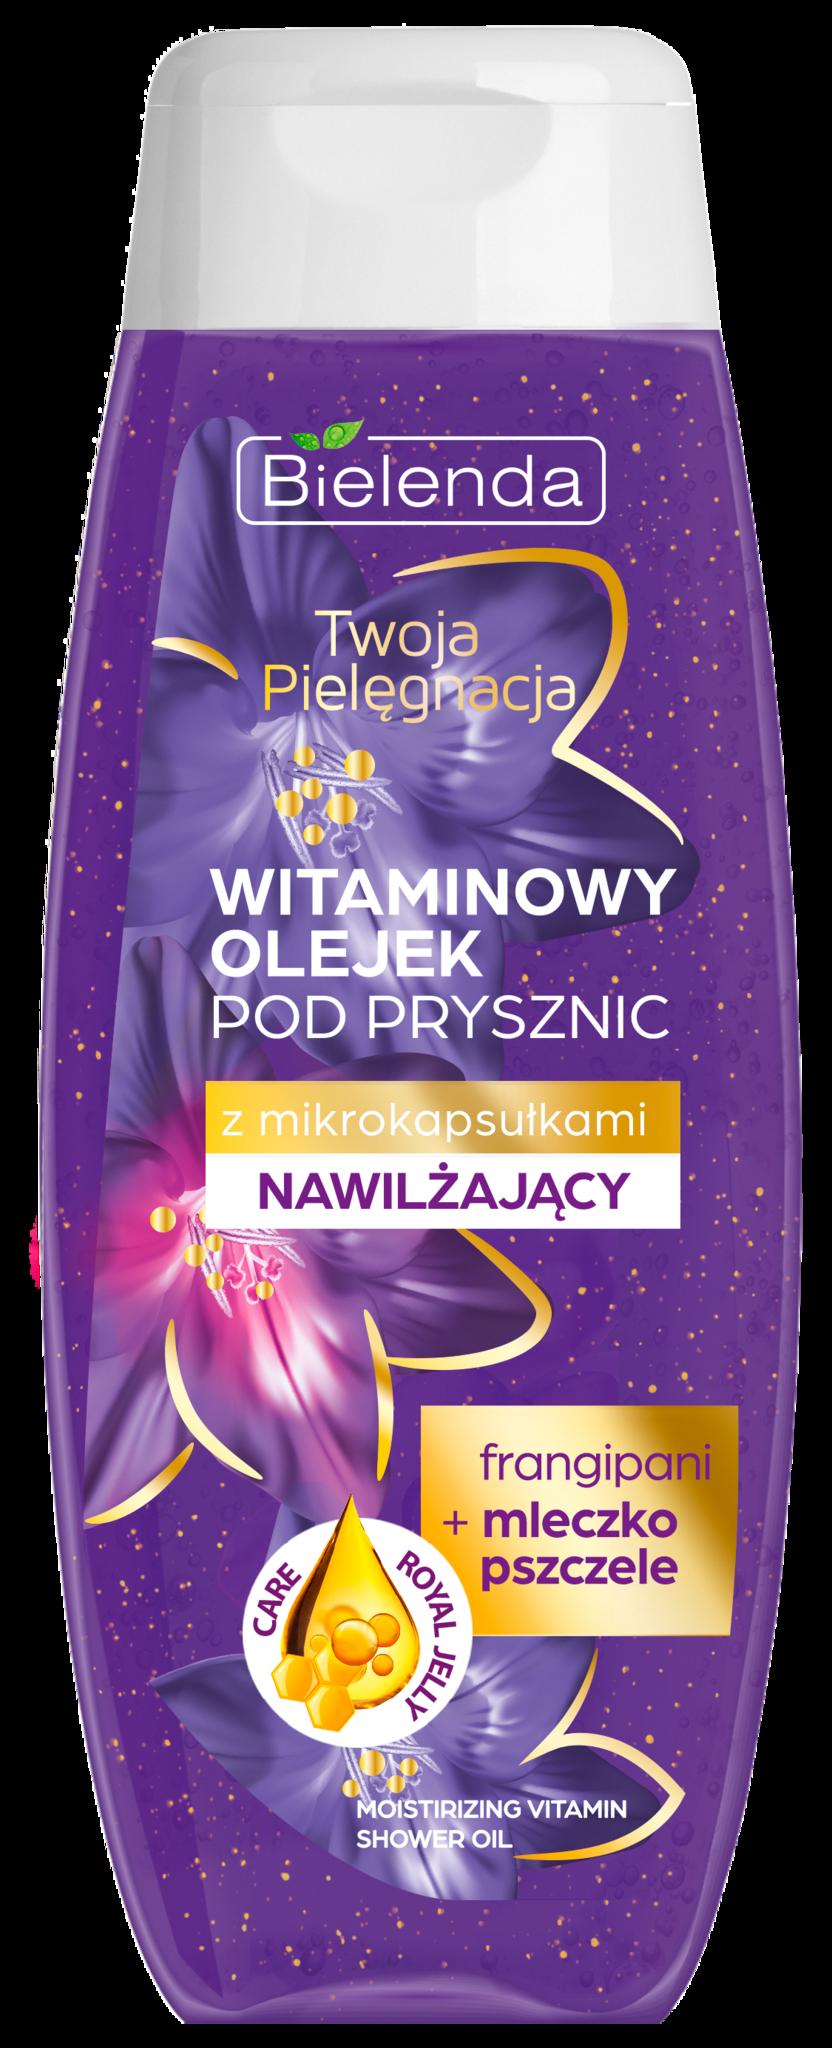 PERSONAL CARE Витаминное масло для душа ФРАНЖИПАНИ+МАТОЧНОЕ МОЛОЧКО 440 г